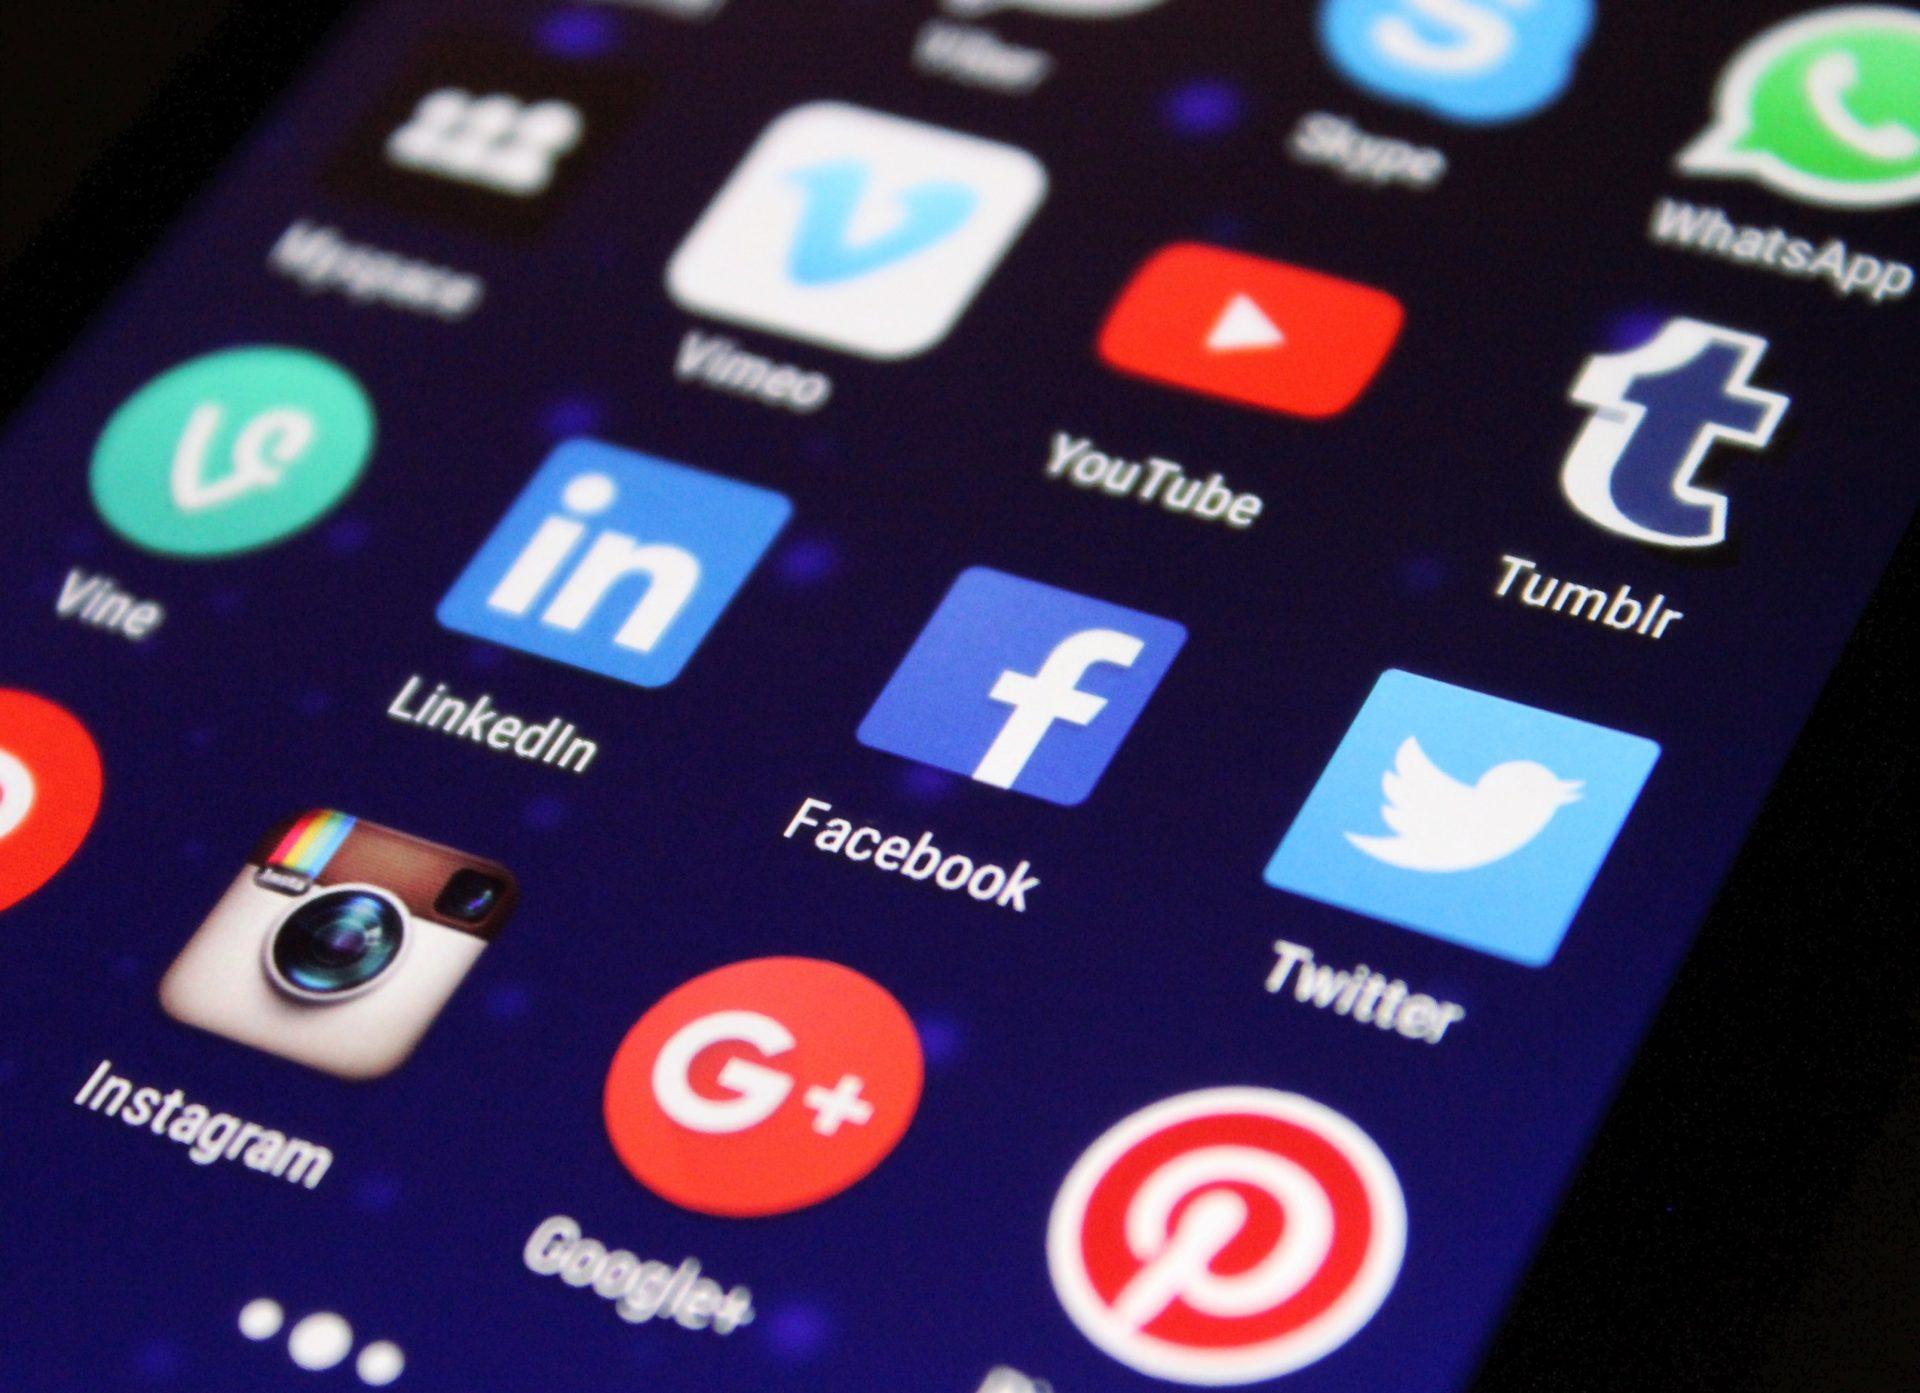 Curtea Supremă a decis incriminarea celor care deschid conturi pe social media cu identitatea altei persoane